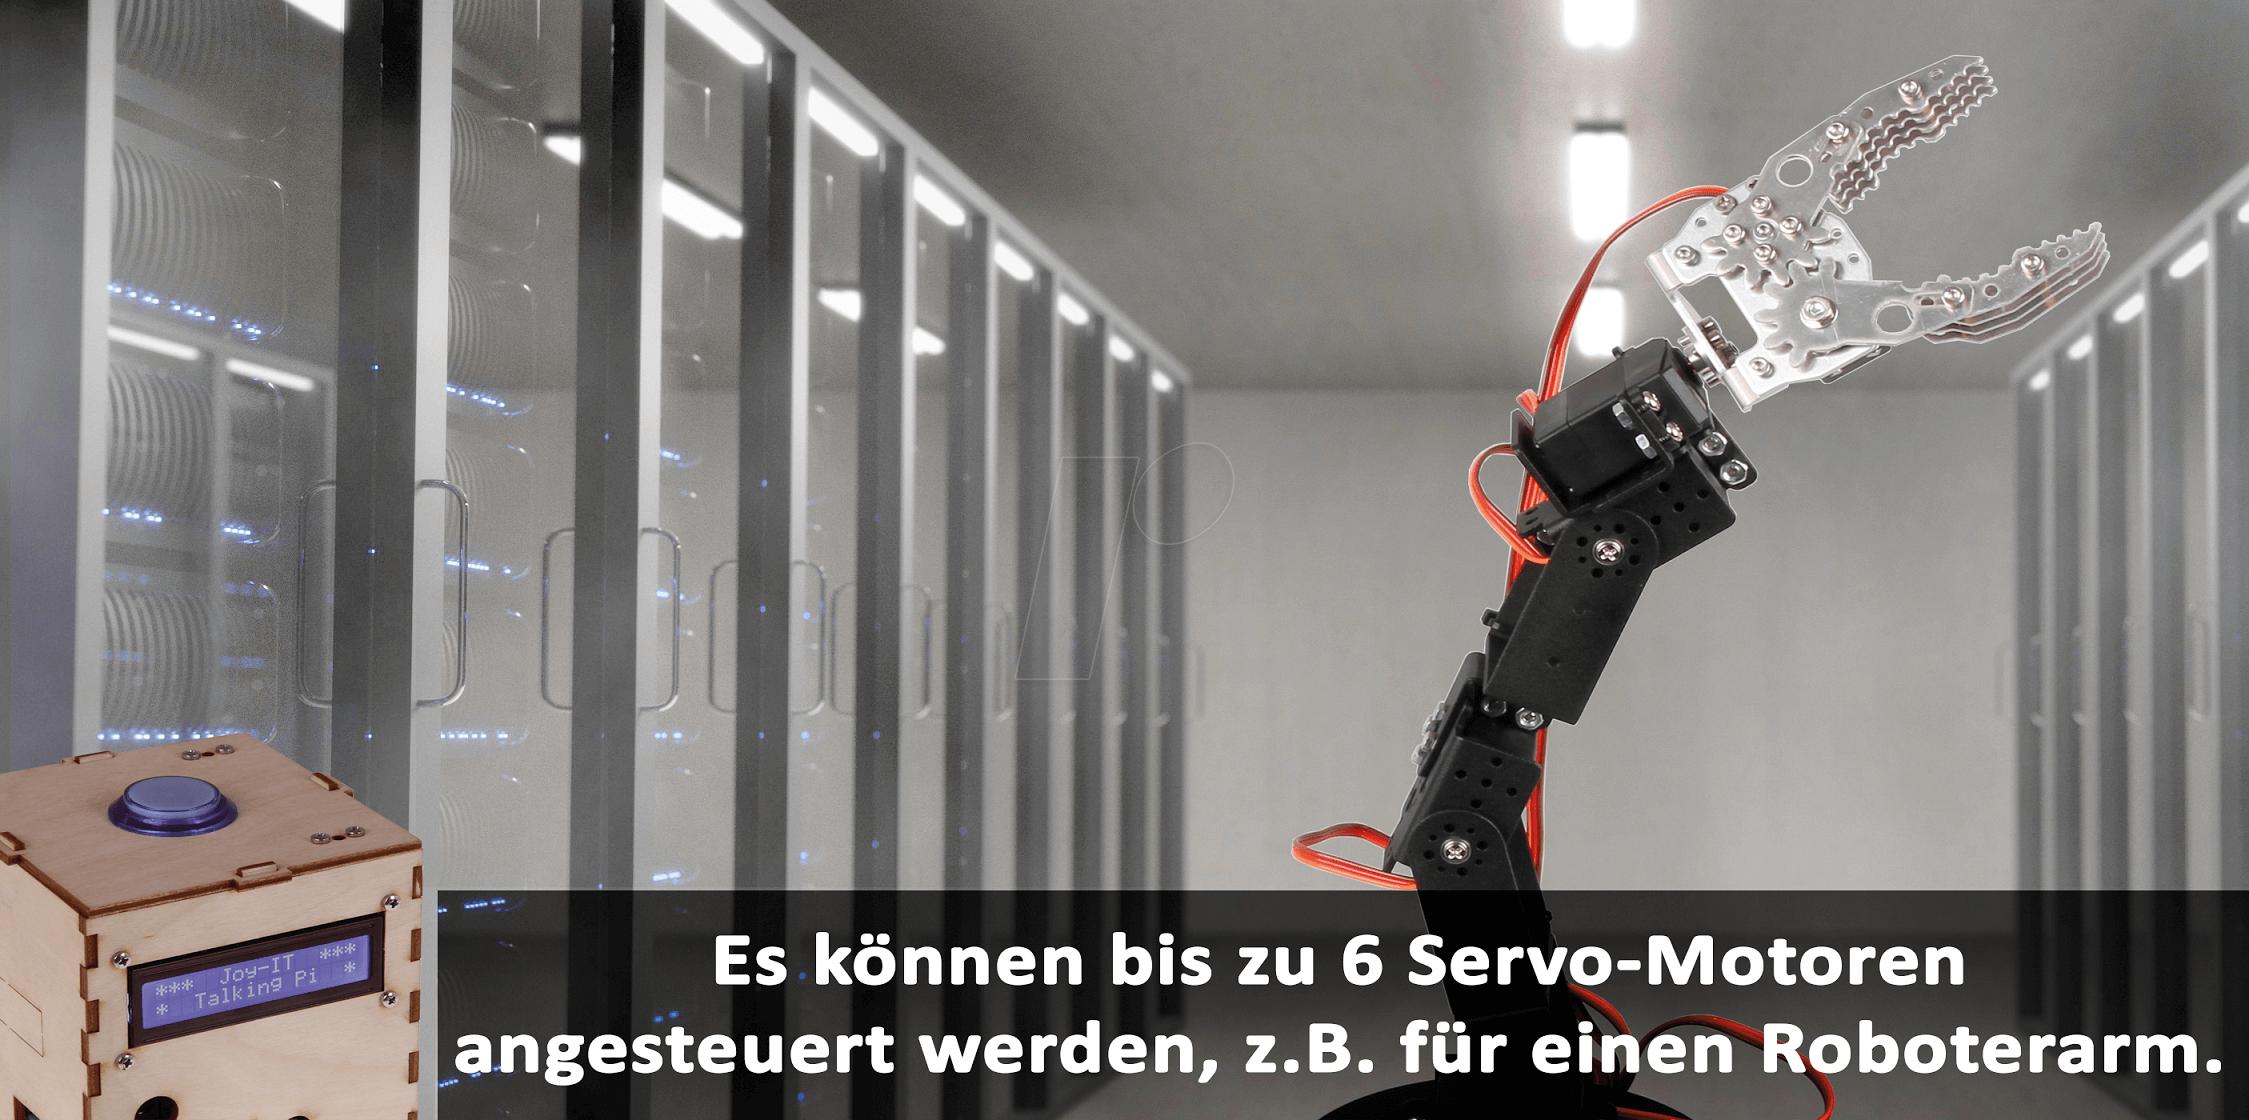 https://cdn-reichelt.de/bilder/web/xxl_ws/A300/TALKINGPI3_ANW.png